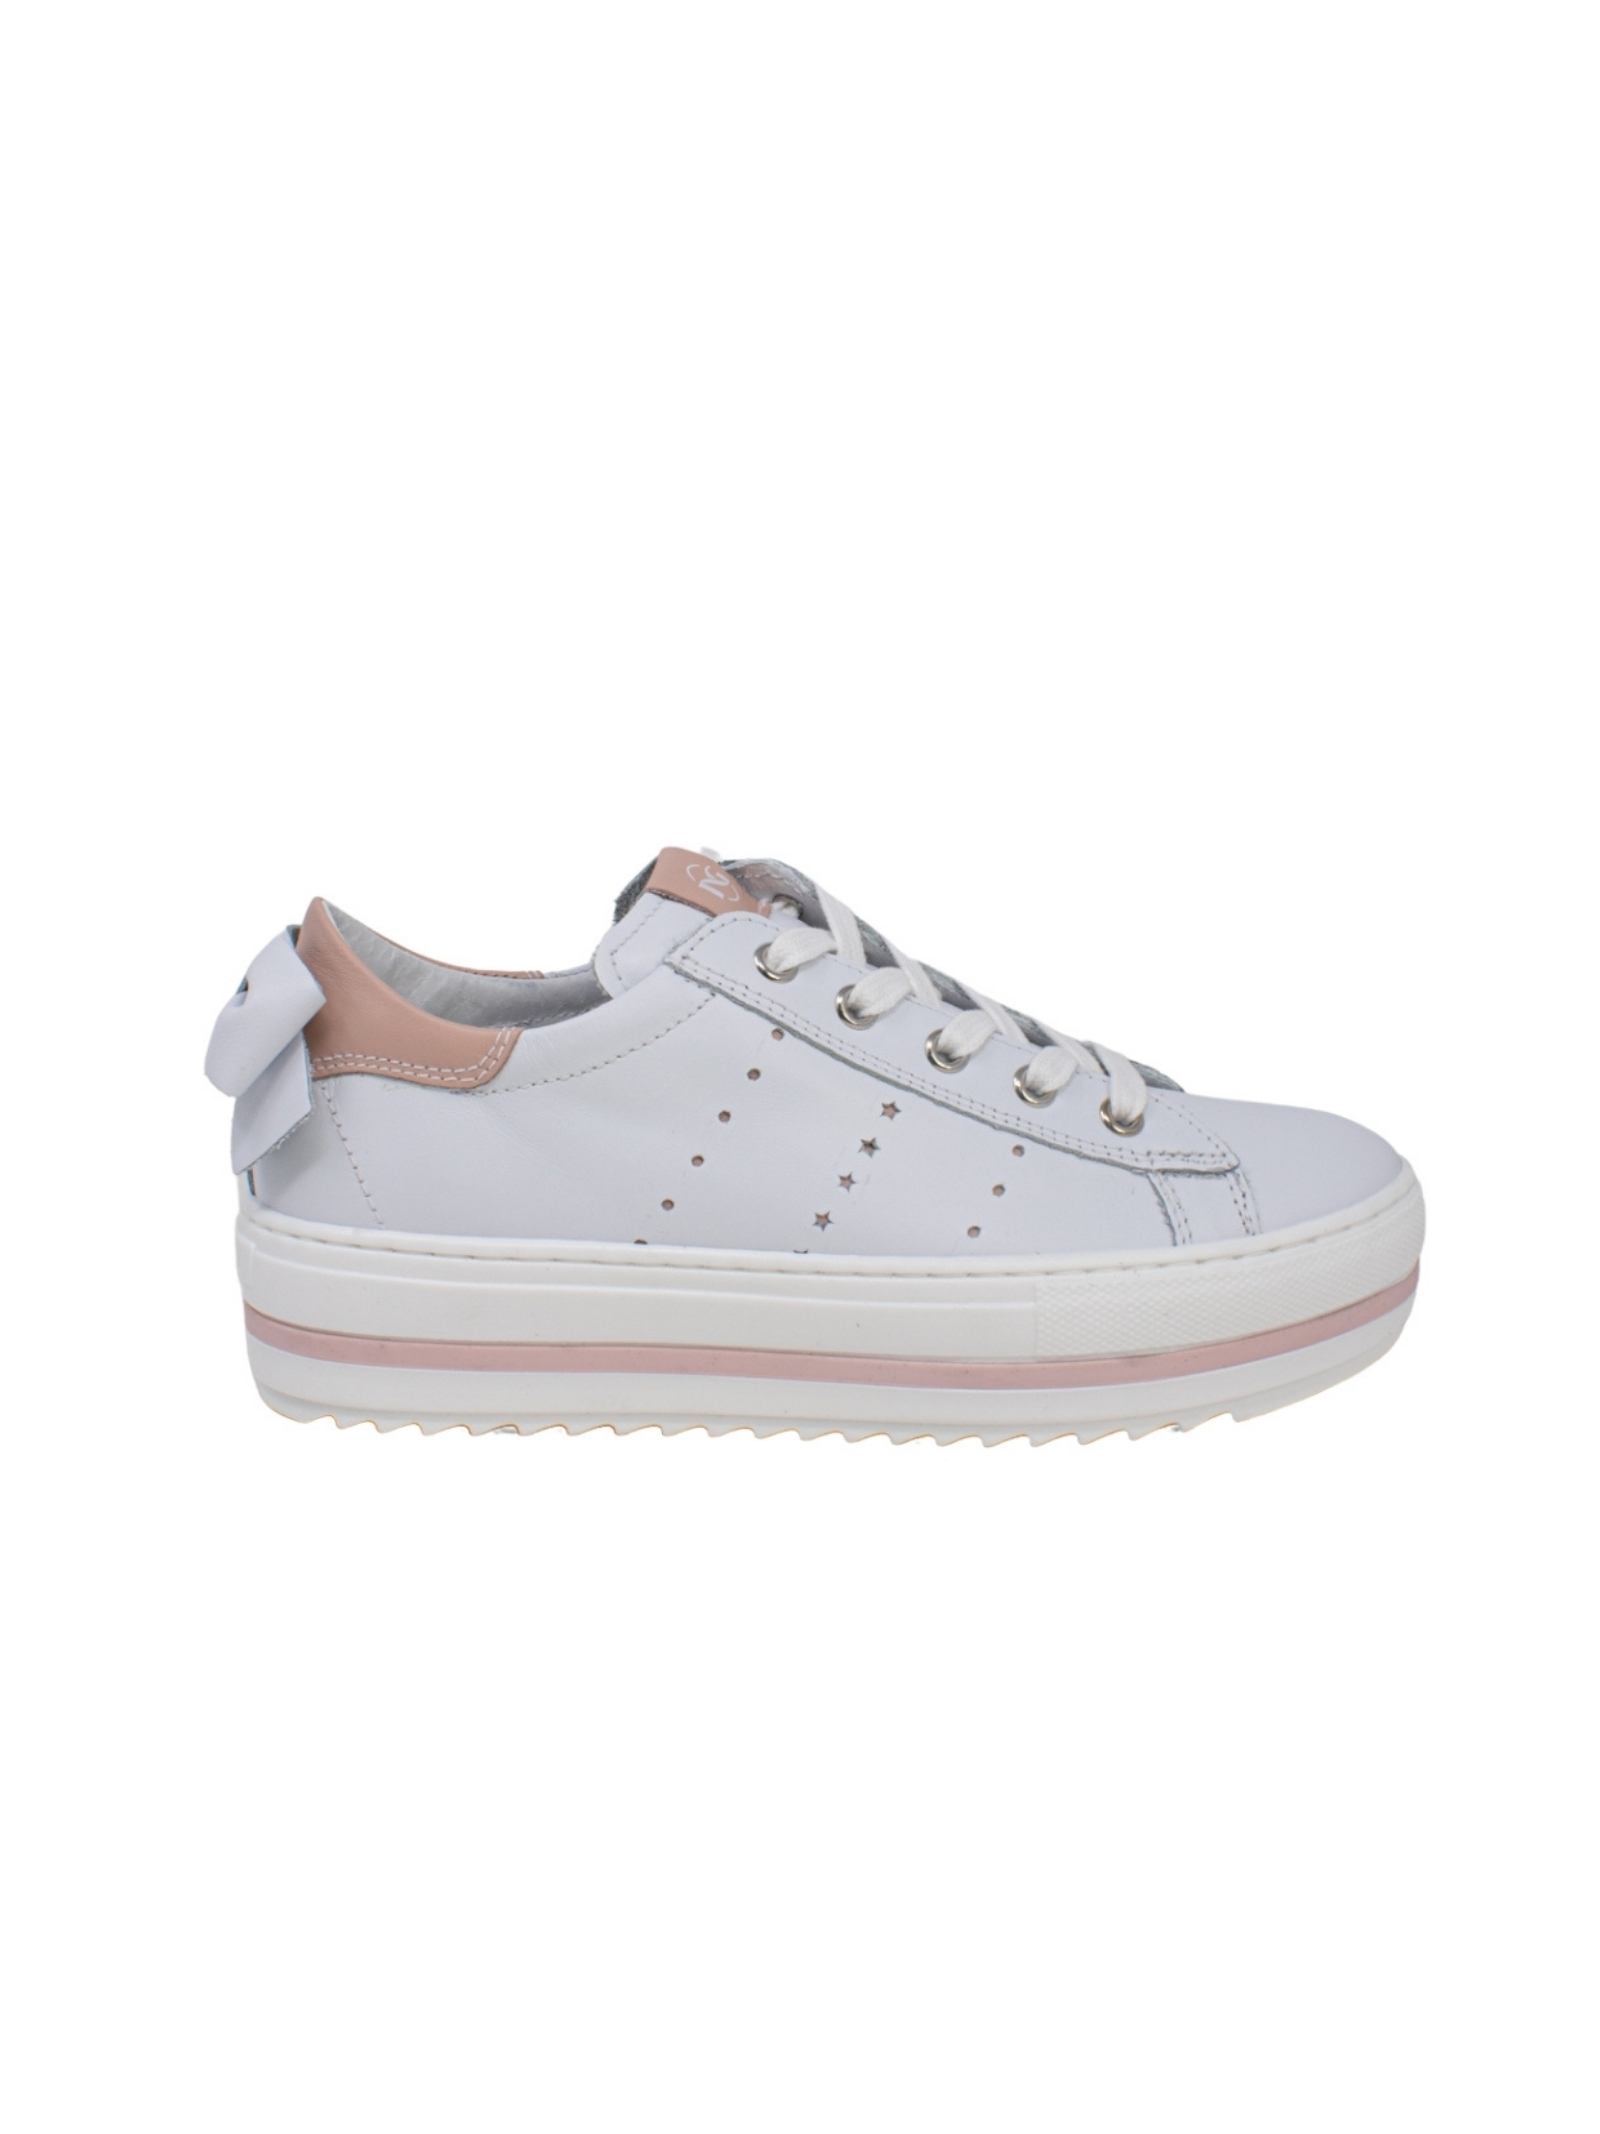 Sneakers Bambina Fiocco Cile NERO GIARDINI JUNIOR | Sneakers | E031570F707